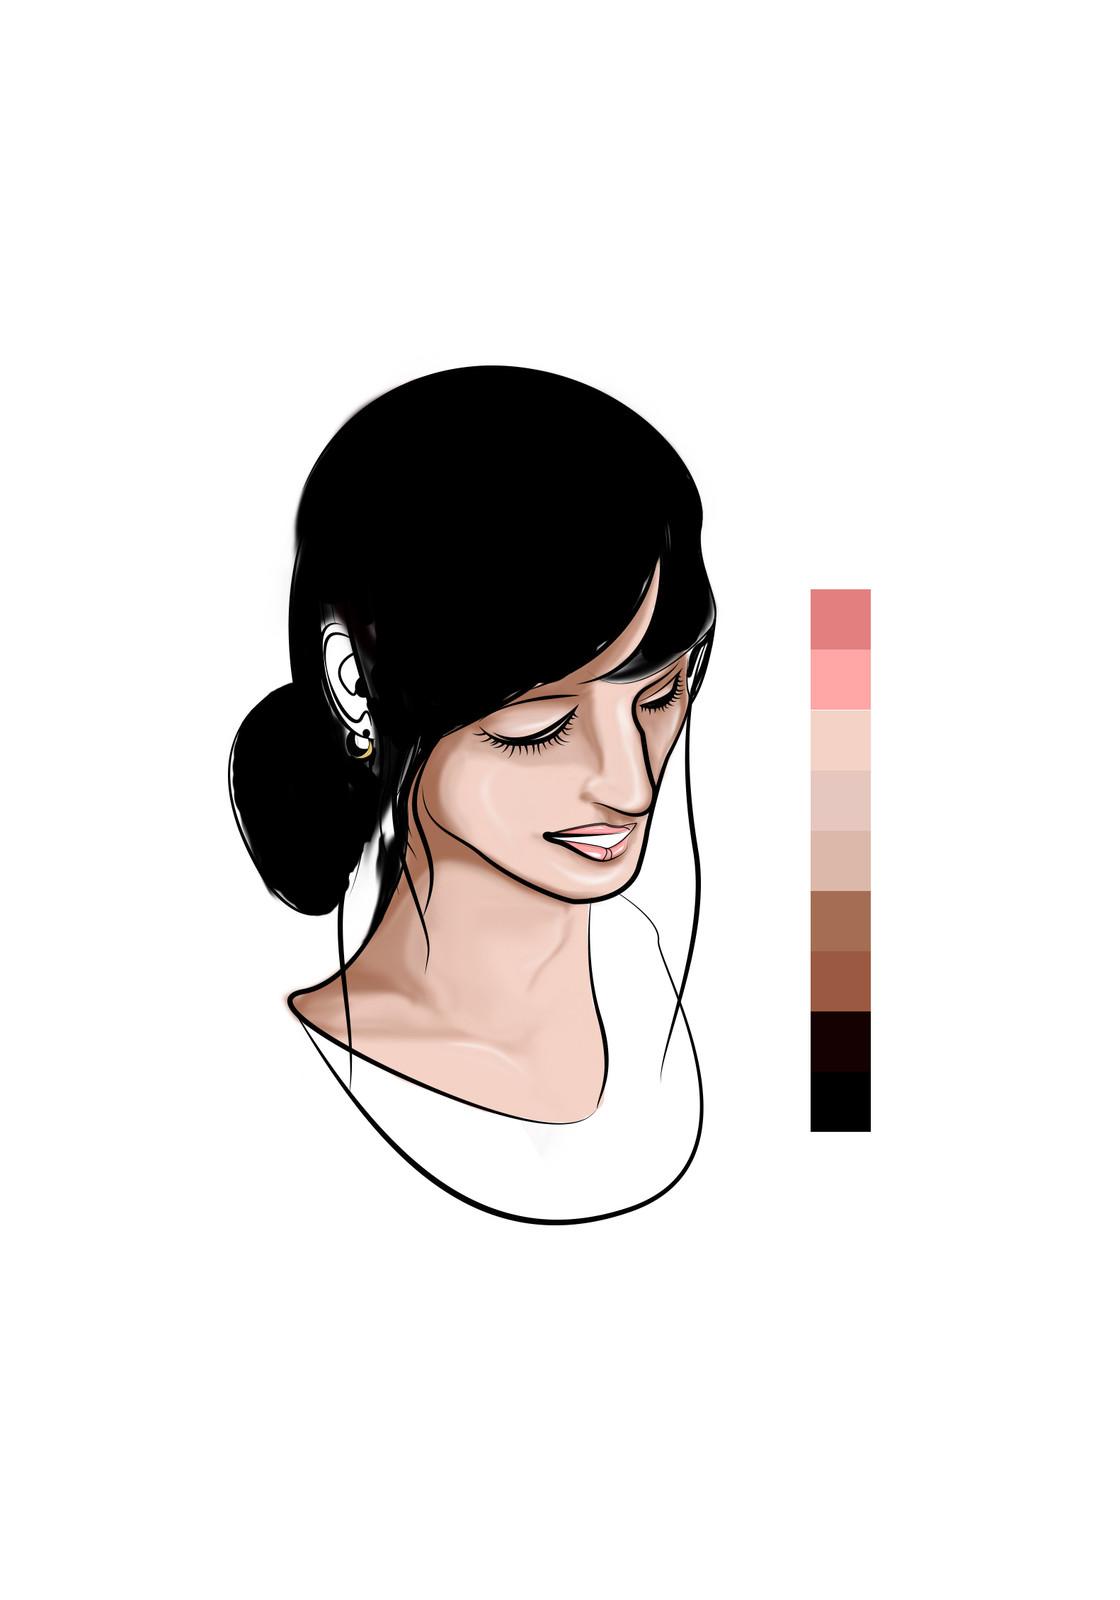 Ten - Base coloring more detail (Hair)